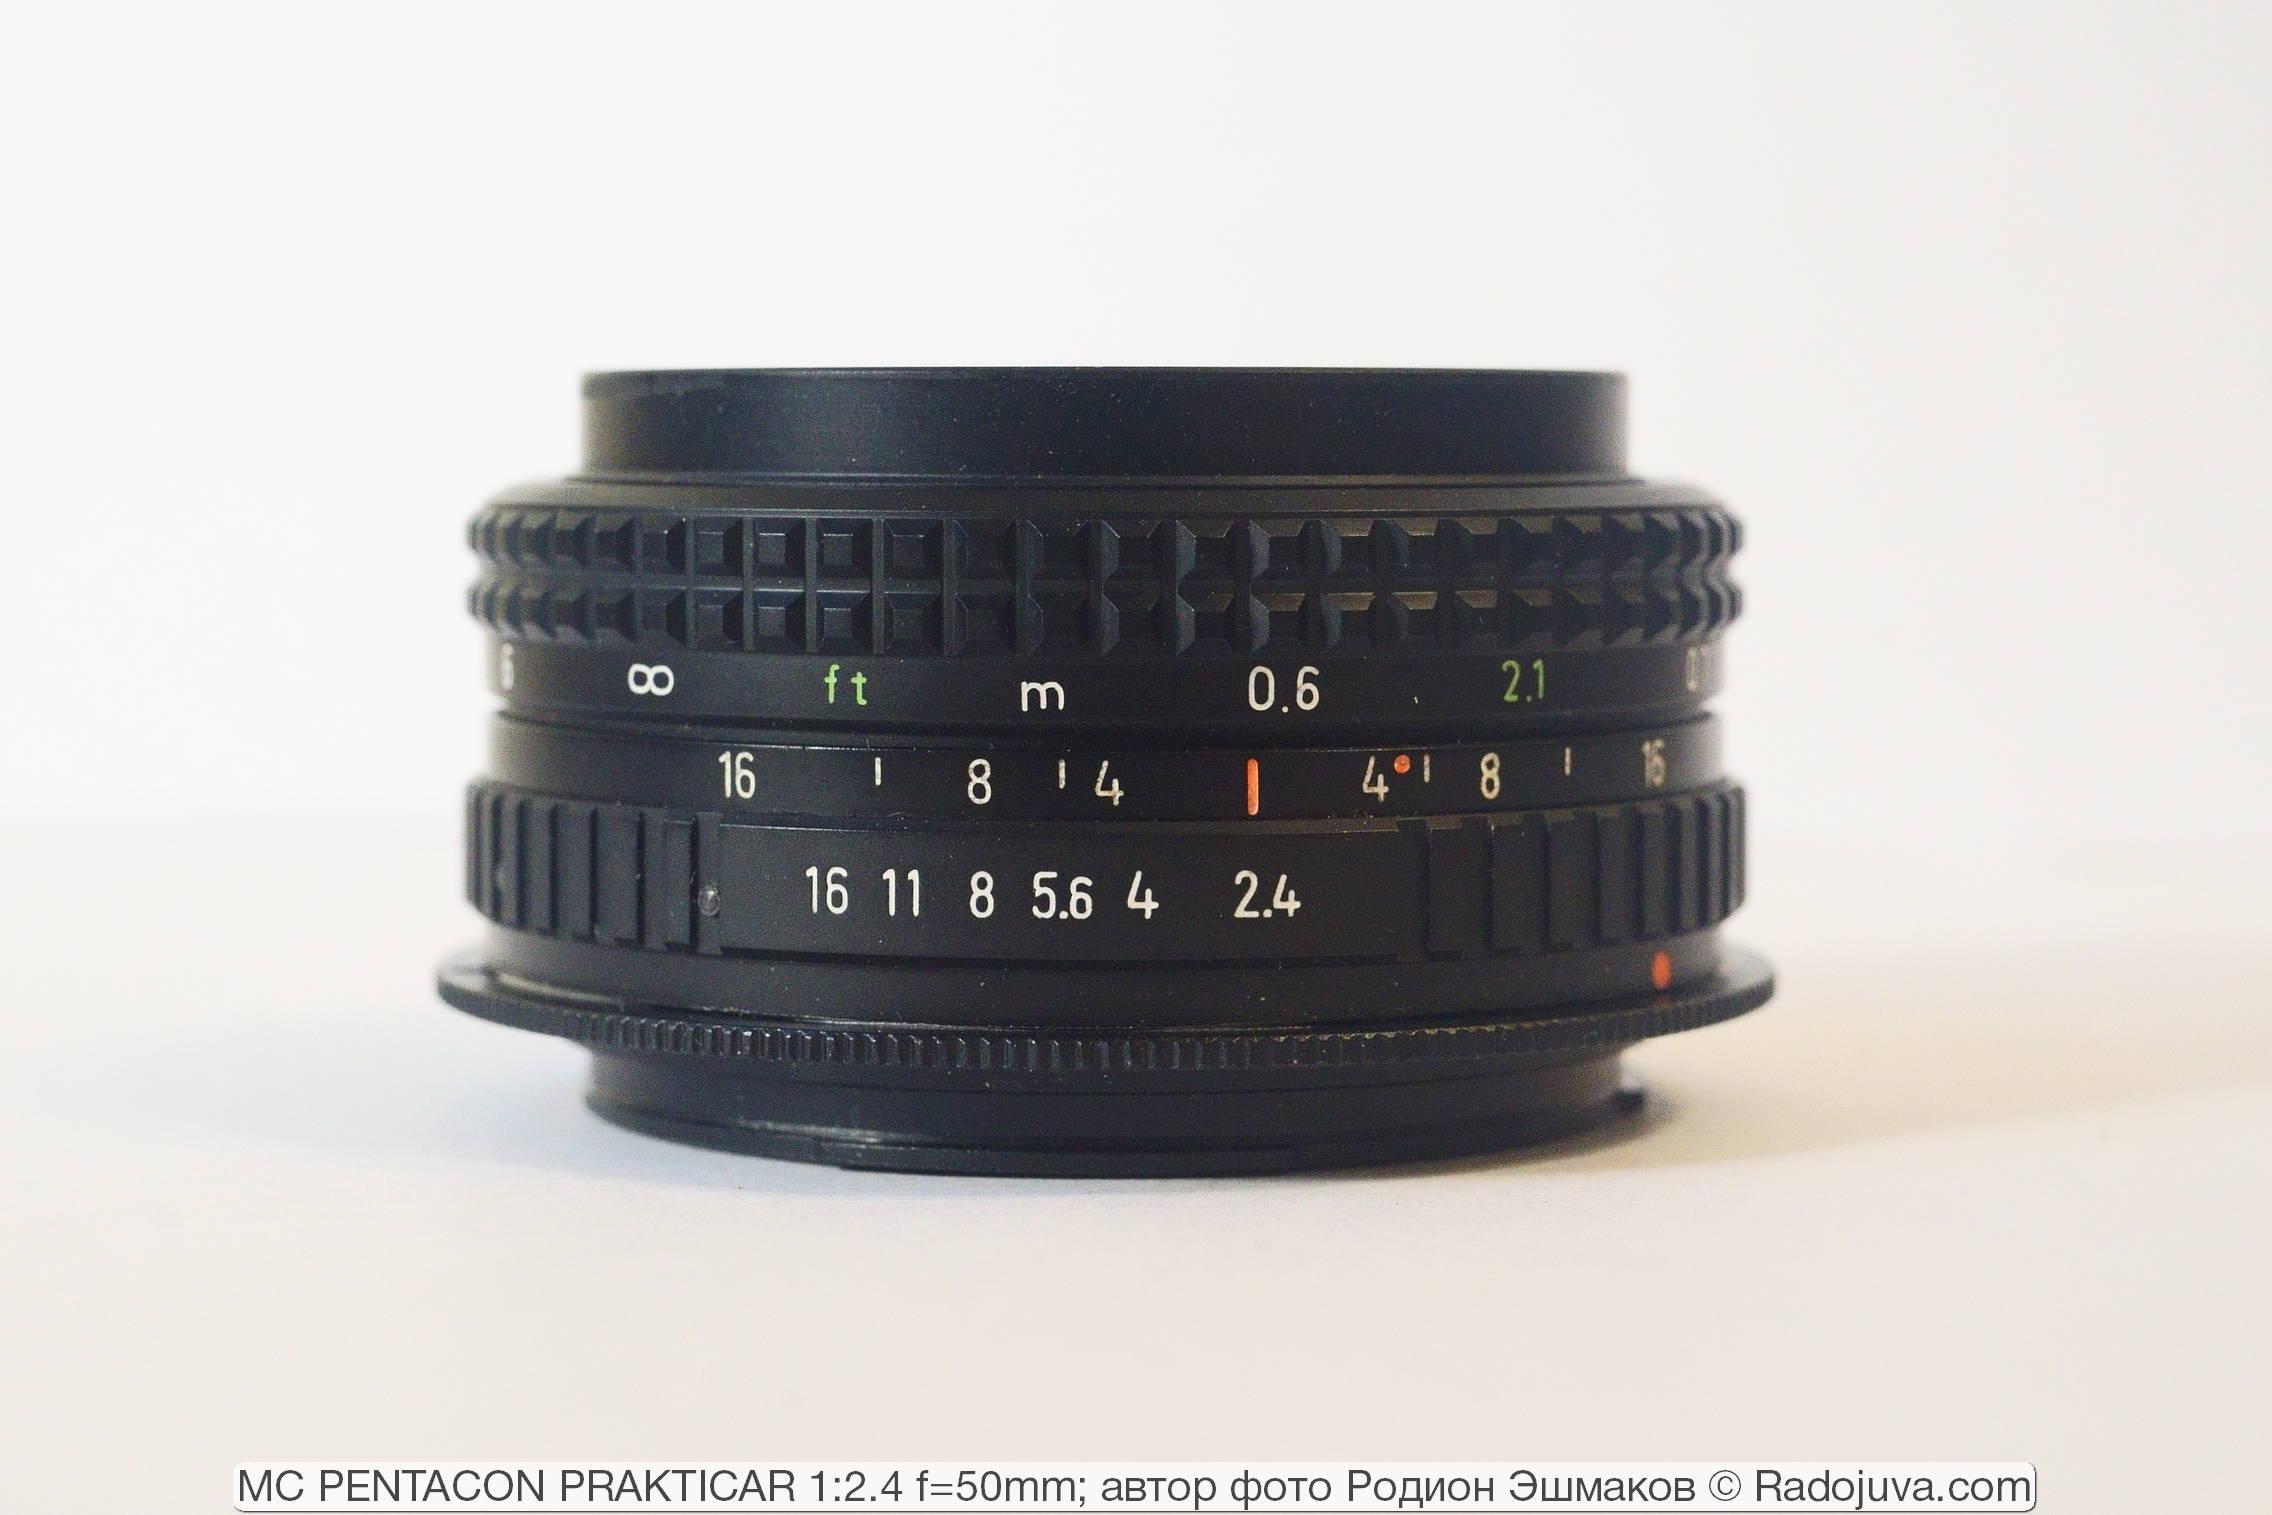 Prakticar 50/2.4, адаптированный для Canon EF. Фокусировка на МДФ.